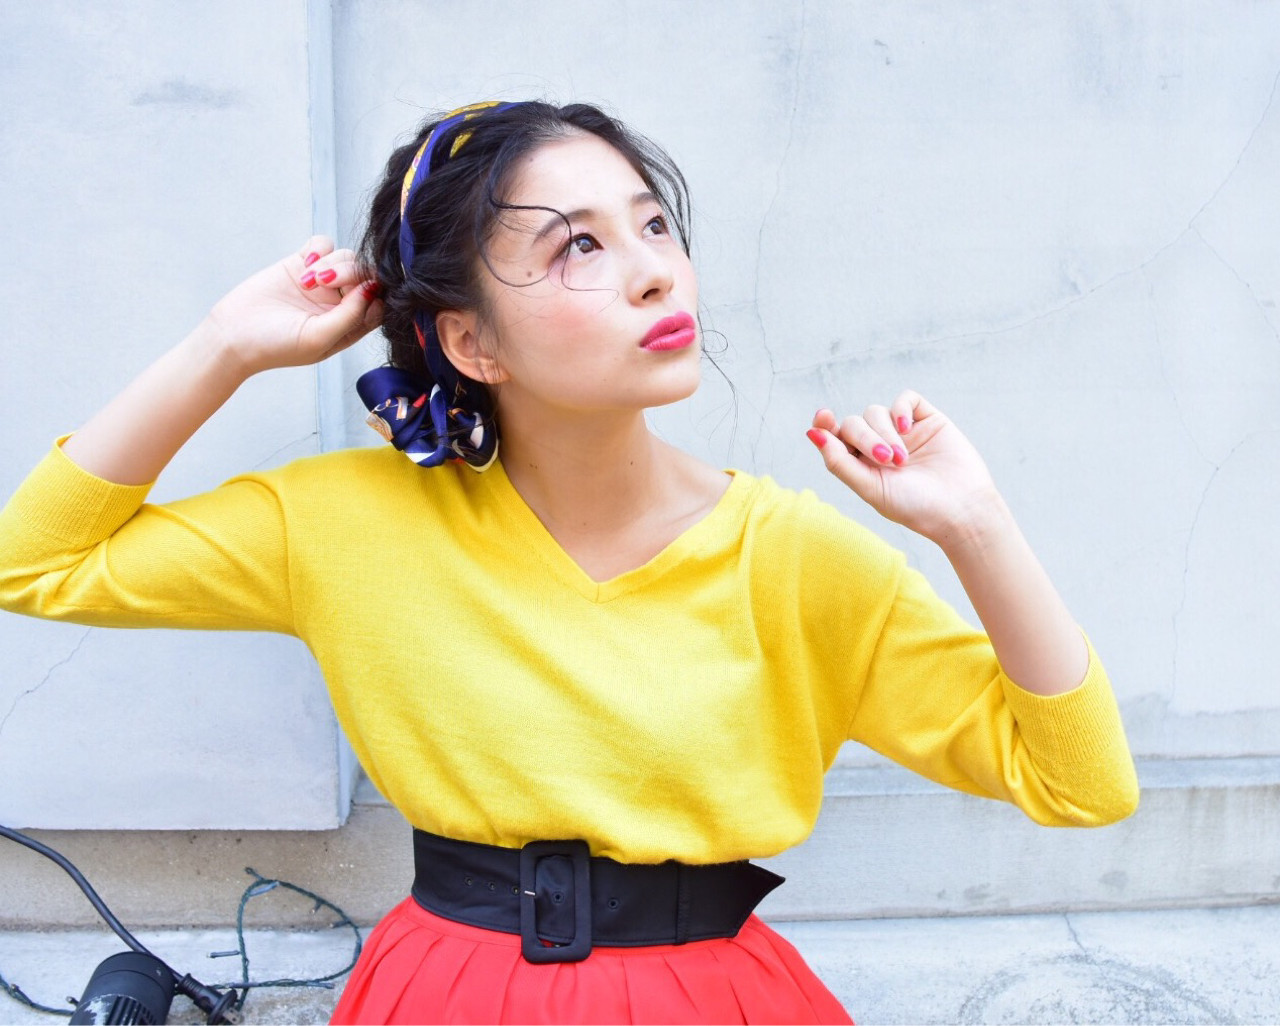 ガーリー ヘアアレンジ バンダナ セミロング ヘアスタイルや髪型の写真・画像